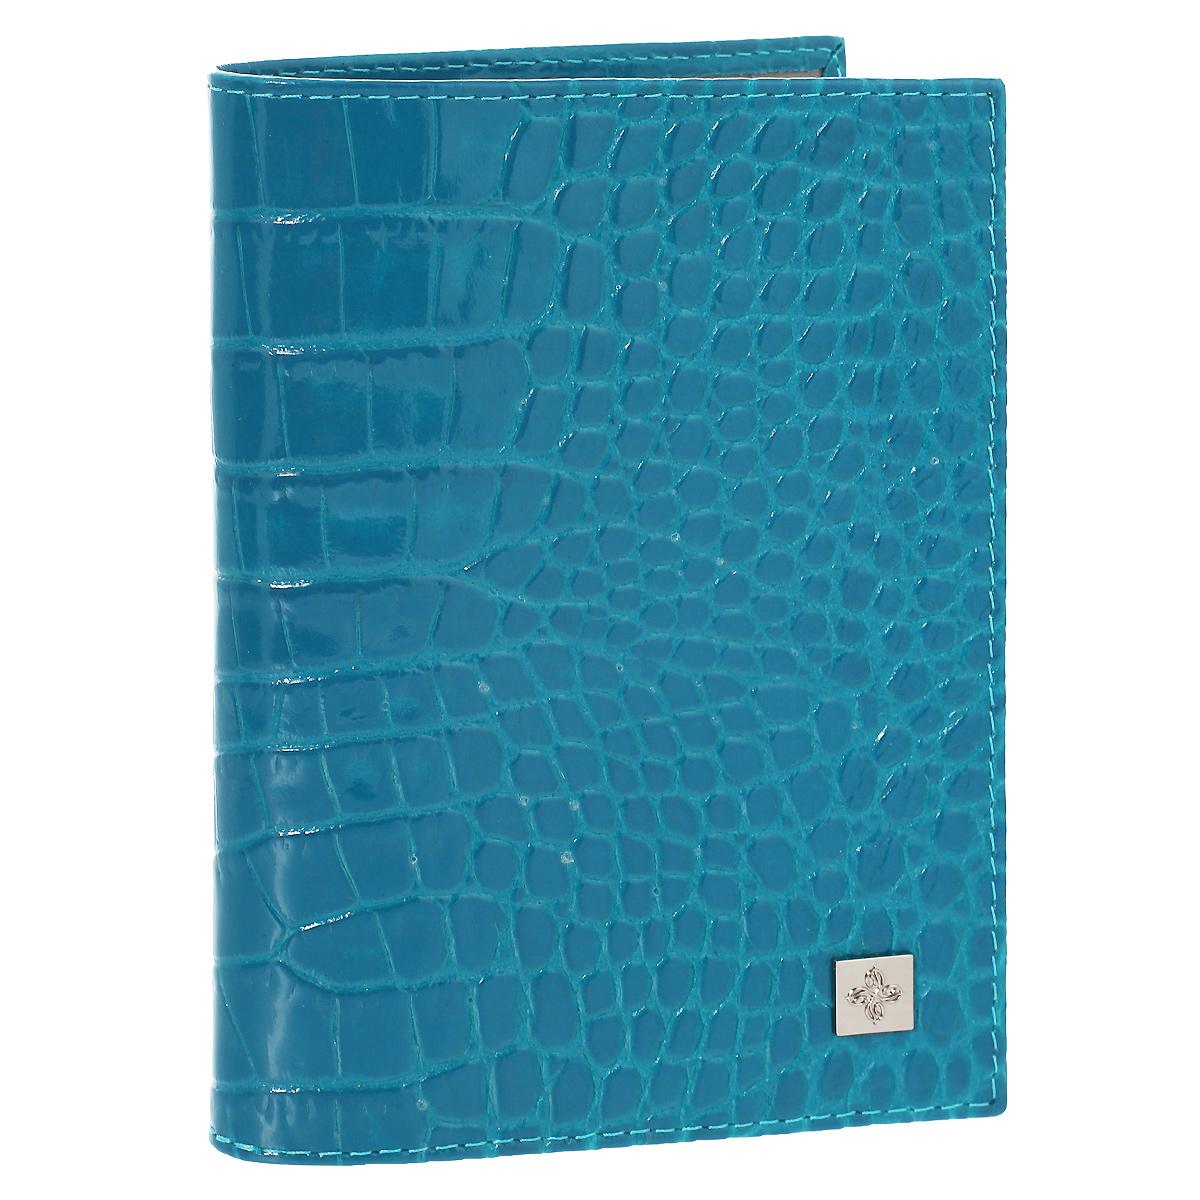 Обложка для паспорта Dimanche Электрик, цвет: лазурь. 950950Обложка для паспорта Электрик выполнена из натуральной лаковой кожи с декоративным тиснением под крокодила. На внутреннем развороте - два кармашка из прозрачного пластика. Обложка не только поможет сохранить внешний вид ваших документов и защитит их от повреждений, но и станет стильным аксессуаром, который подчеркнет ваш неповторимый стиль. Обложка упакована в коробку из плотного картона с логотипом фирмы. Характеристики: Материал: натуральная кожа, ПВХ. Цвет: лазурь. Размер обложки: 9,5 см х 13,5 см х 1,5 см.